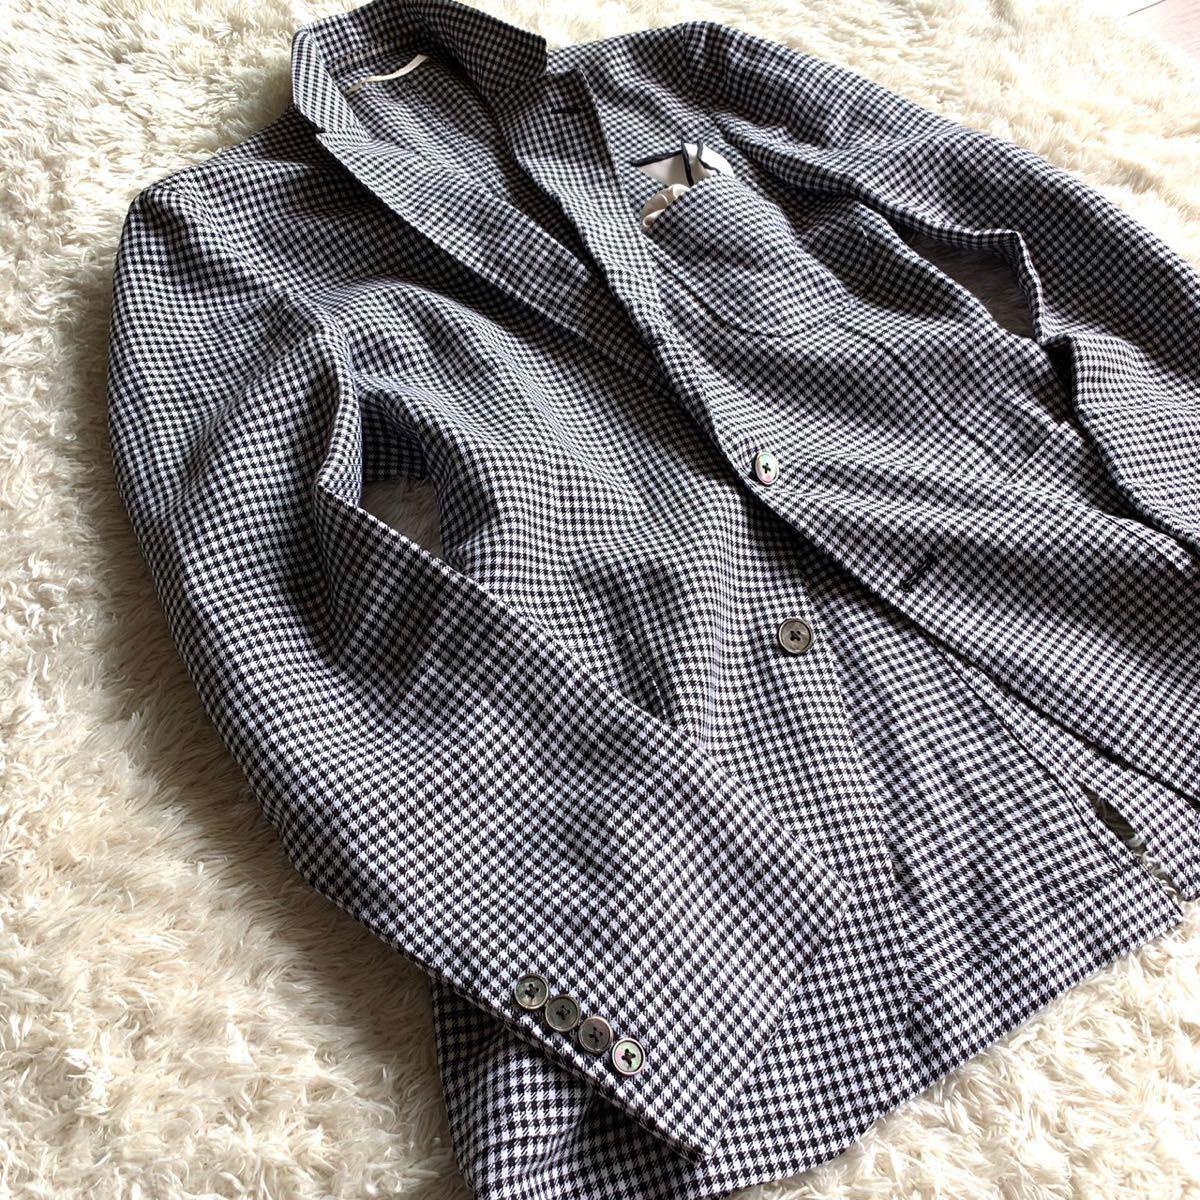 【麻100%】★ユナイテッドアローズ 千鳥格子柄 テーラードジャケット メンズ 48 L相当 サマージャケット _画像4